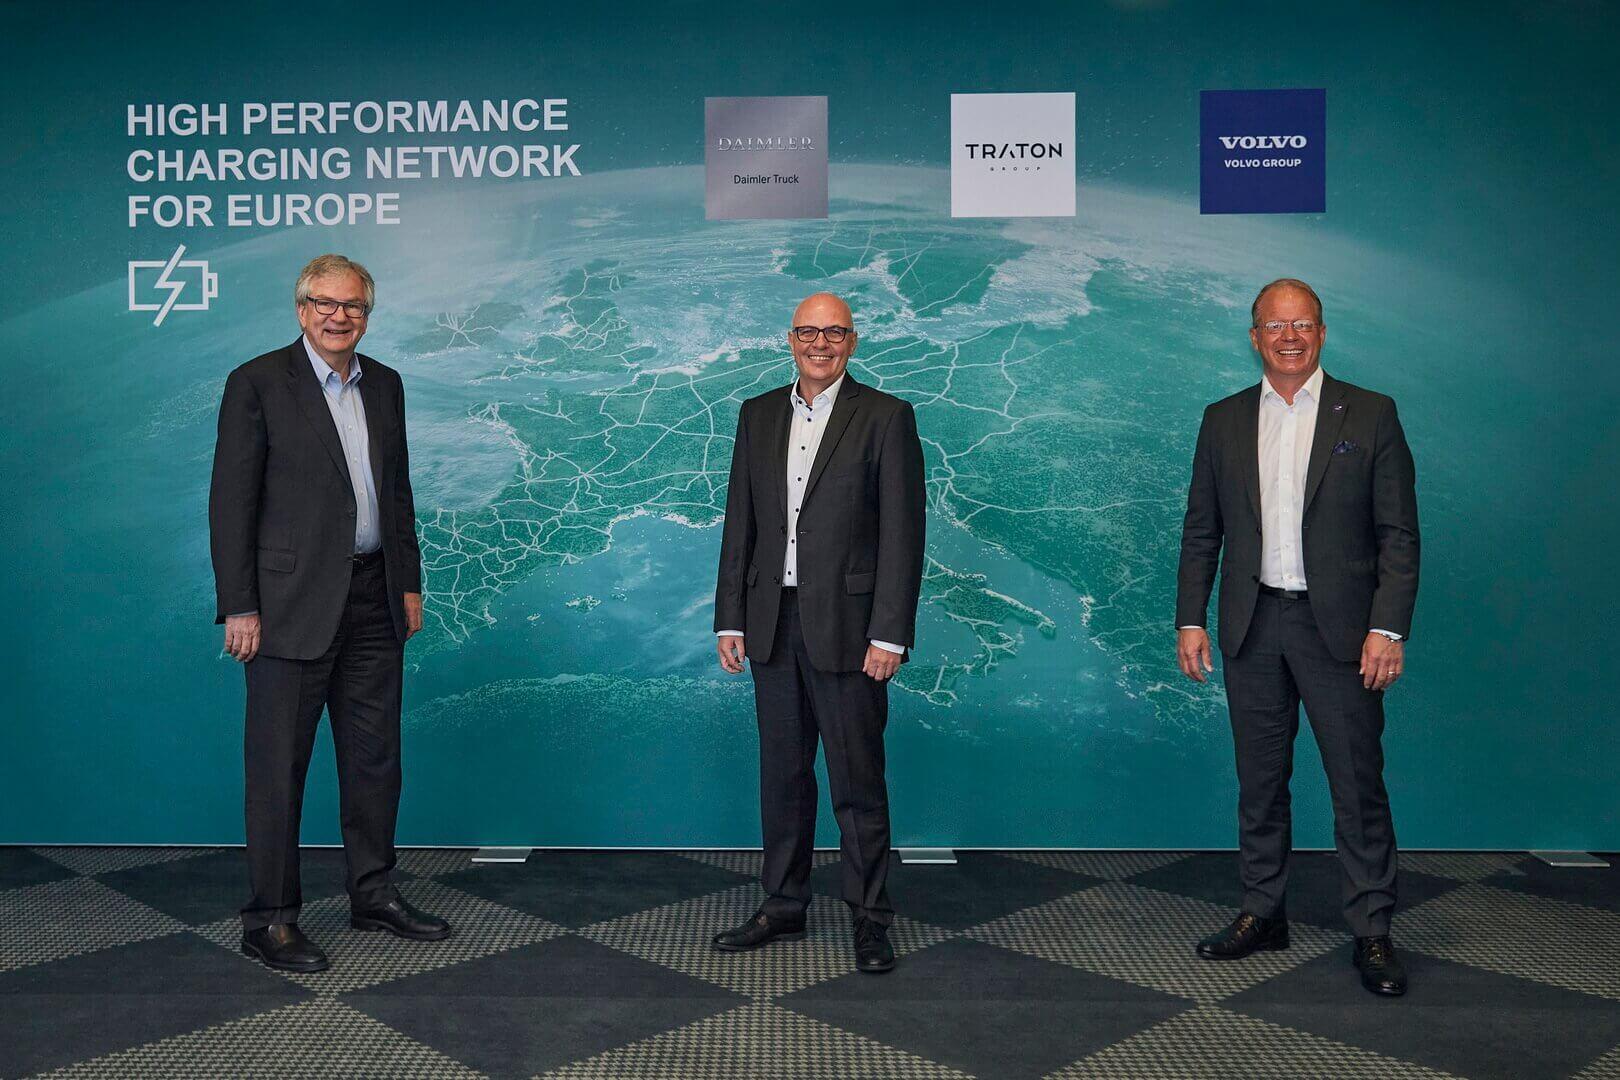 Volvo, Daimler иTraton установят высокопроизводительную зарядную сеть для тяжелых электрических грузовиков иавтобусов